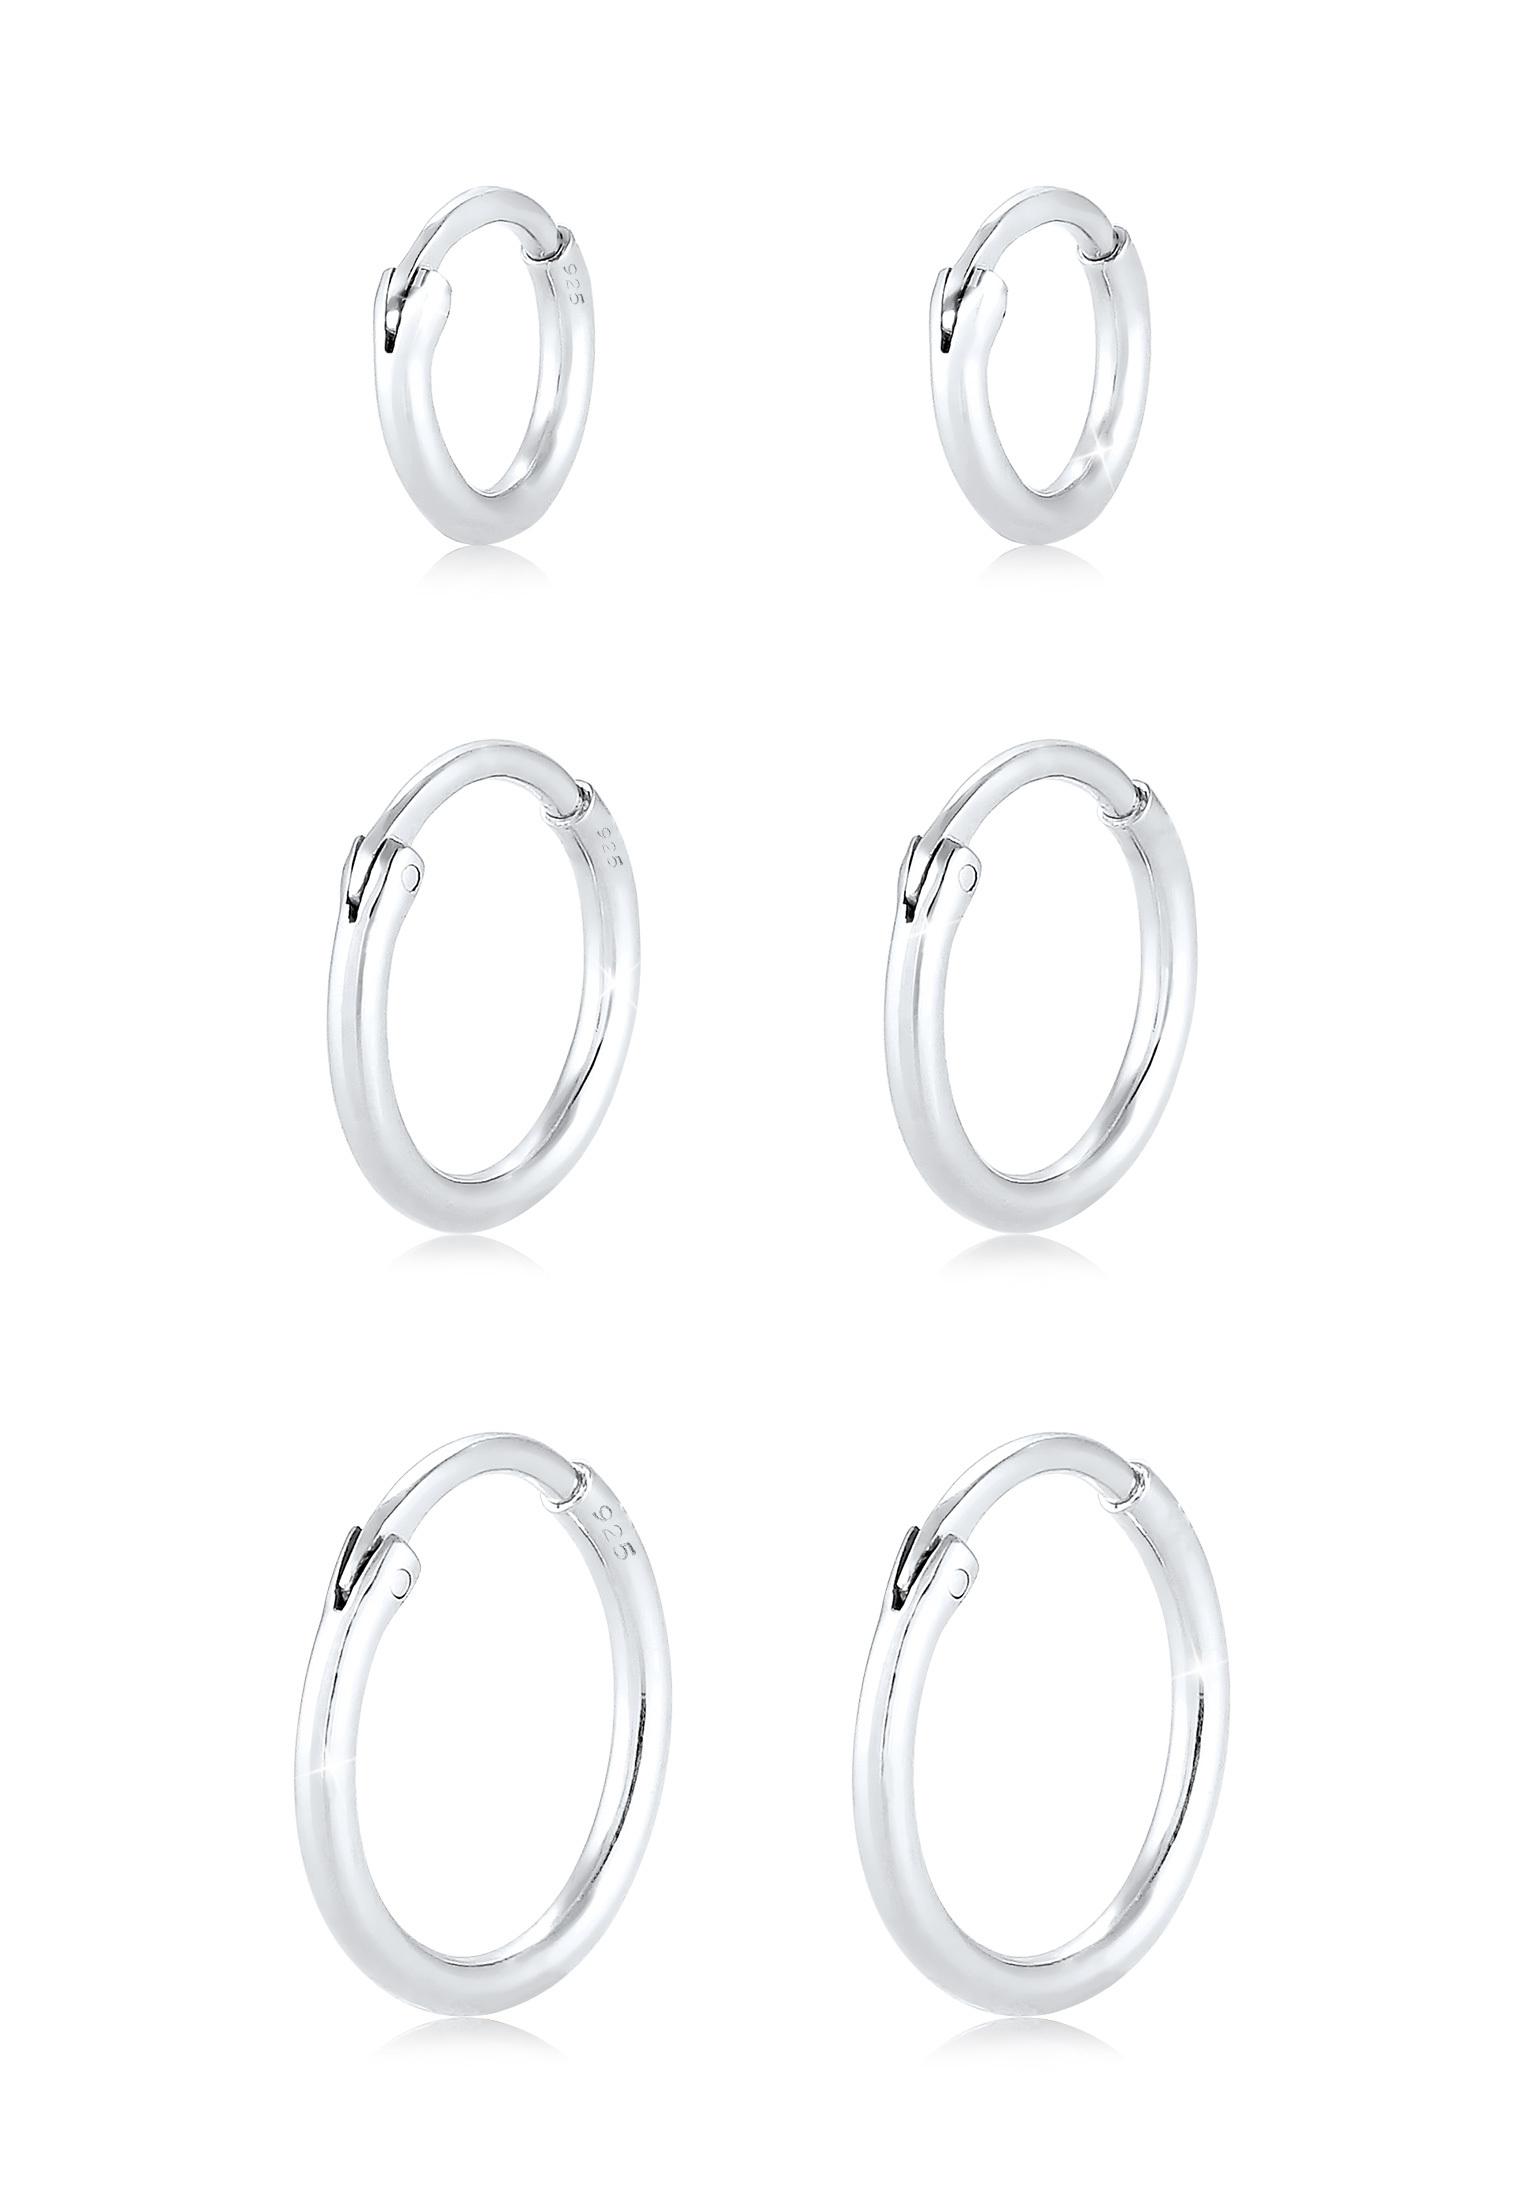 Ohrringset   925er Sterling Silber